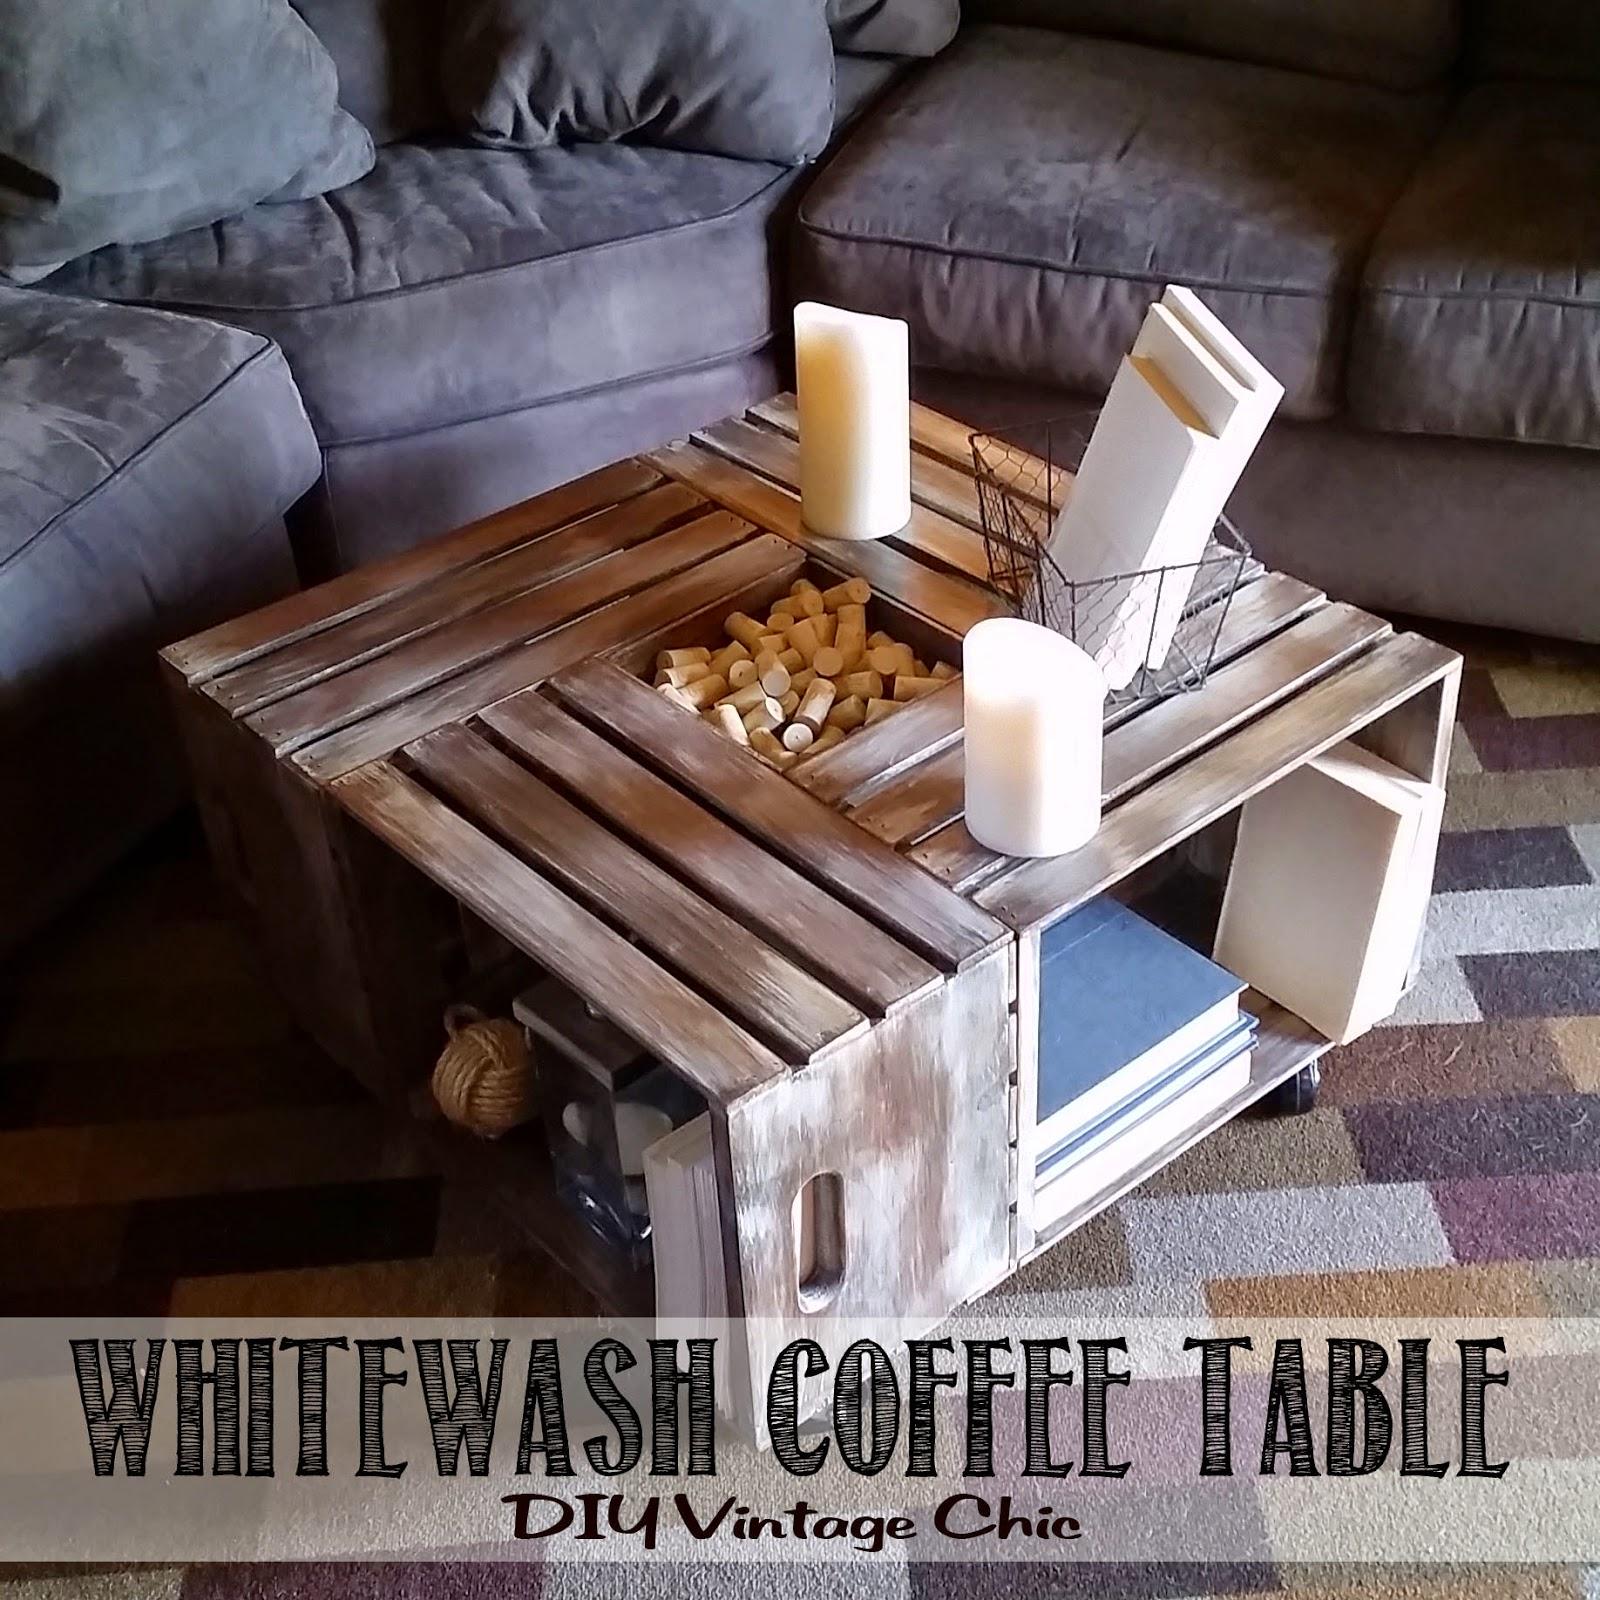 DIY Vintage Chic: DIY Vintage Wine Crate Coffee Table